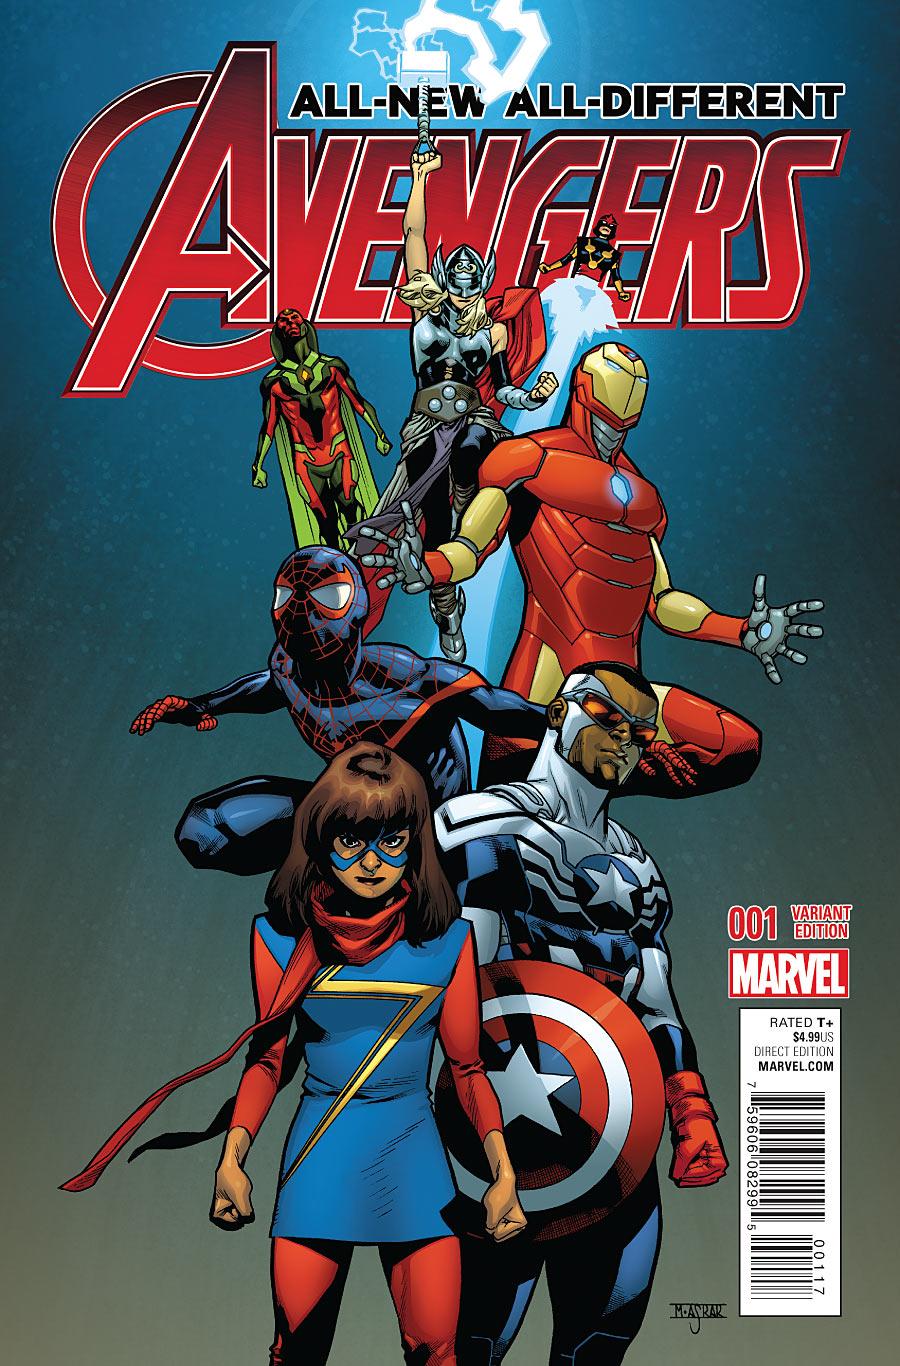 All-New, All-Different Avengers Vol 1 1 Asrar Variant.jpg